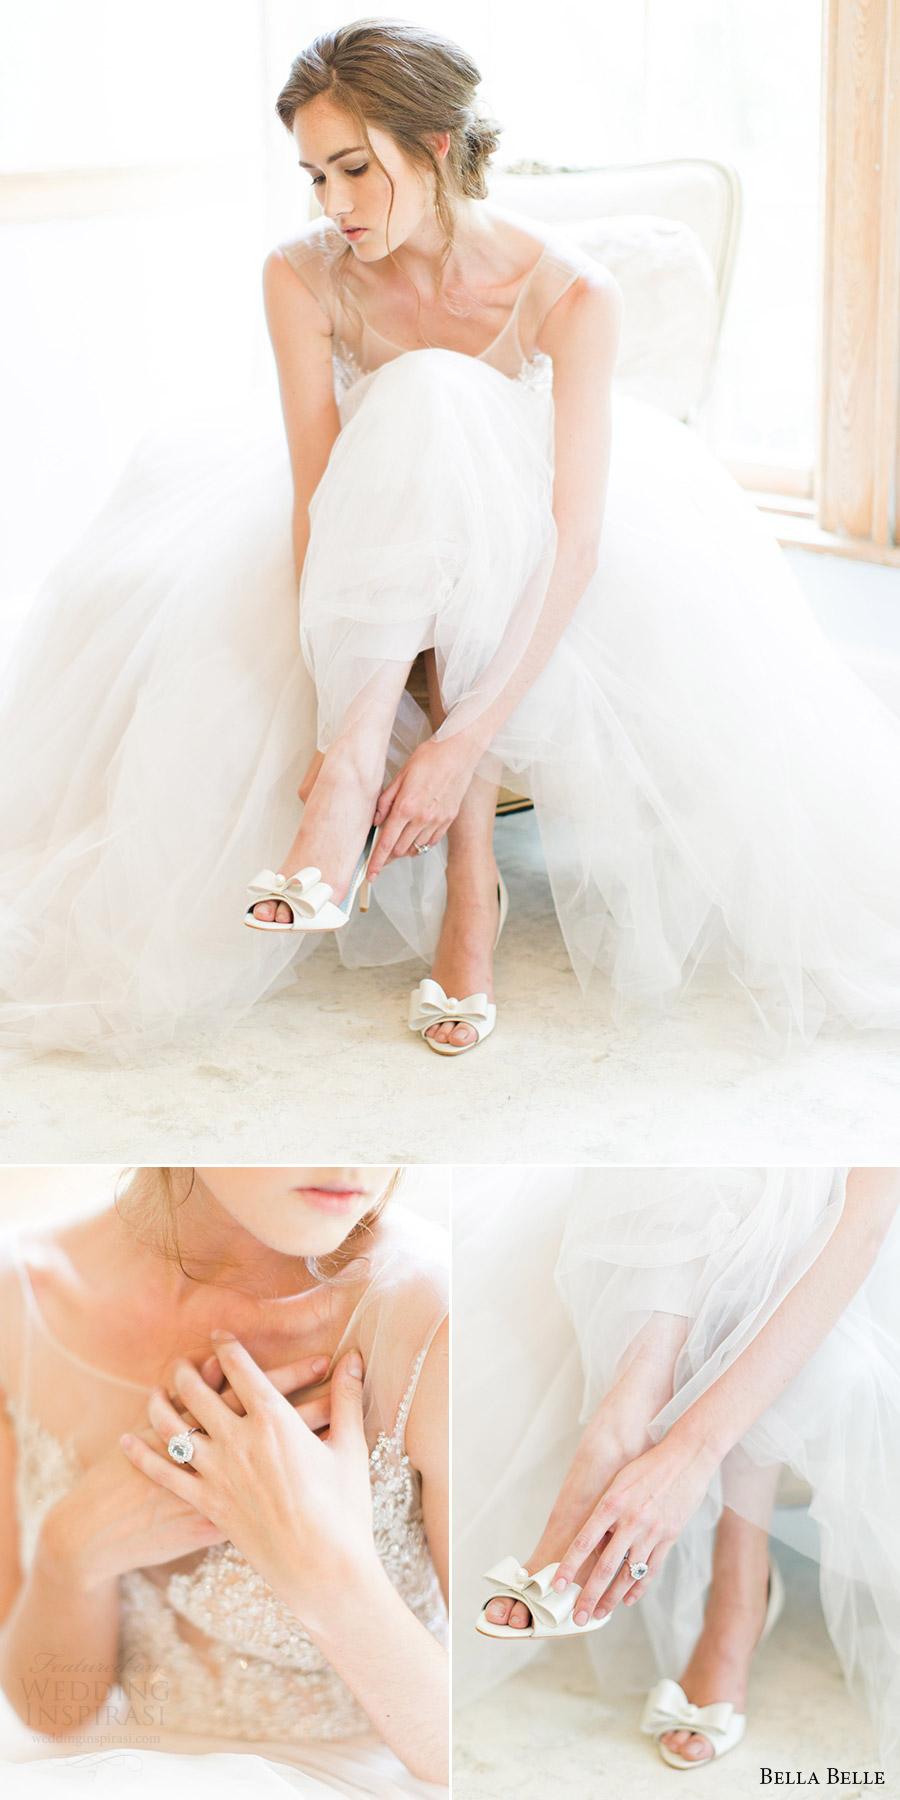 bella belle zapatos de novia 2016 Julia D Orsay dedo del pie del pío 3.5 pulgadas zapatos de tacón de la boda puede rachel fotografía